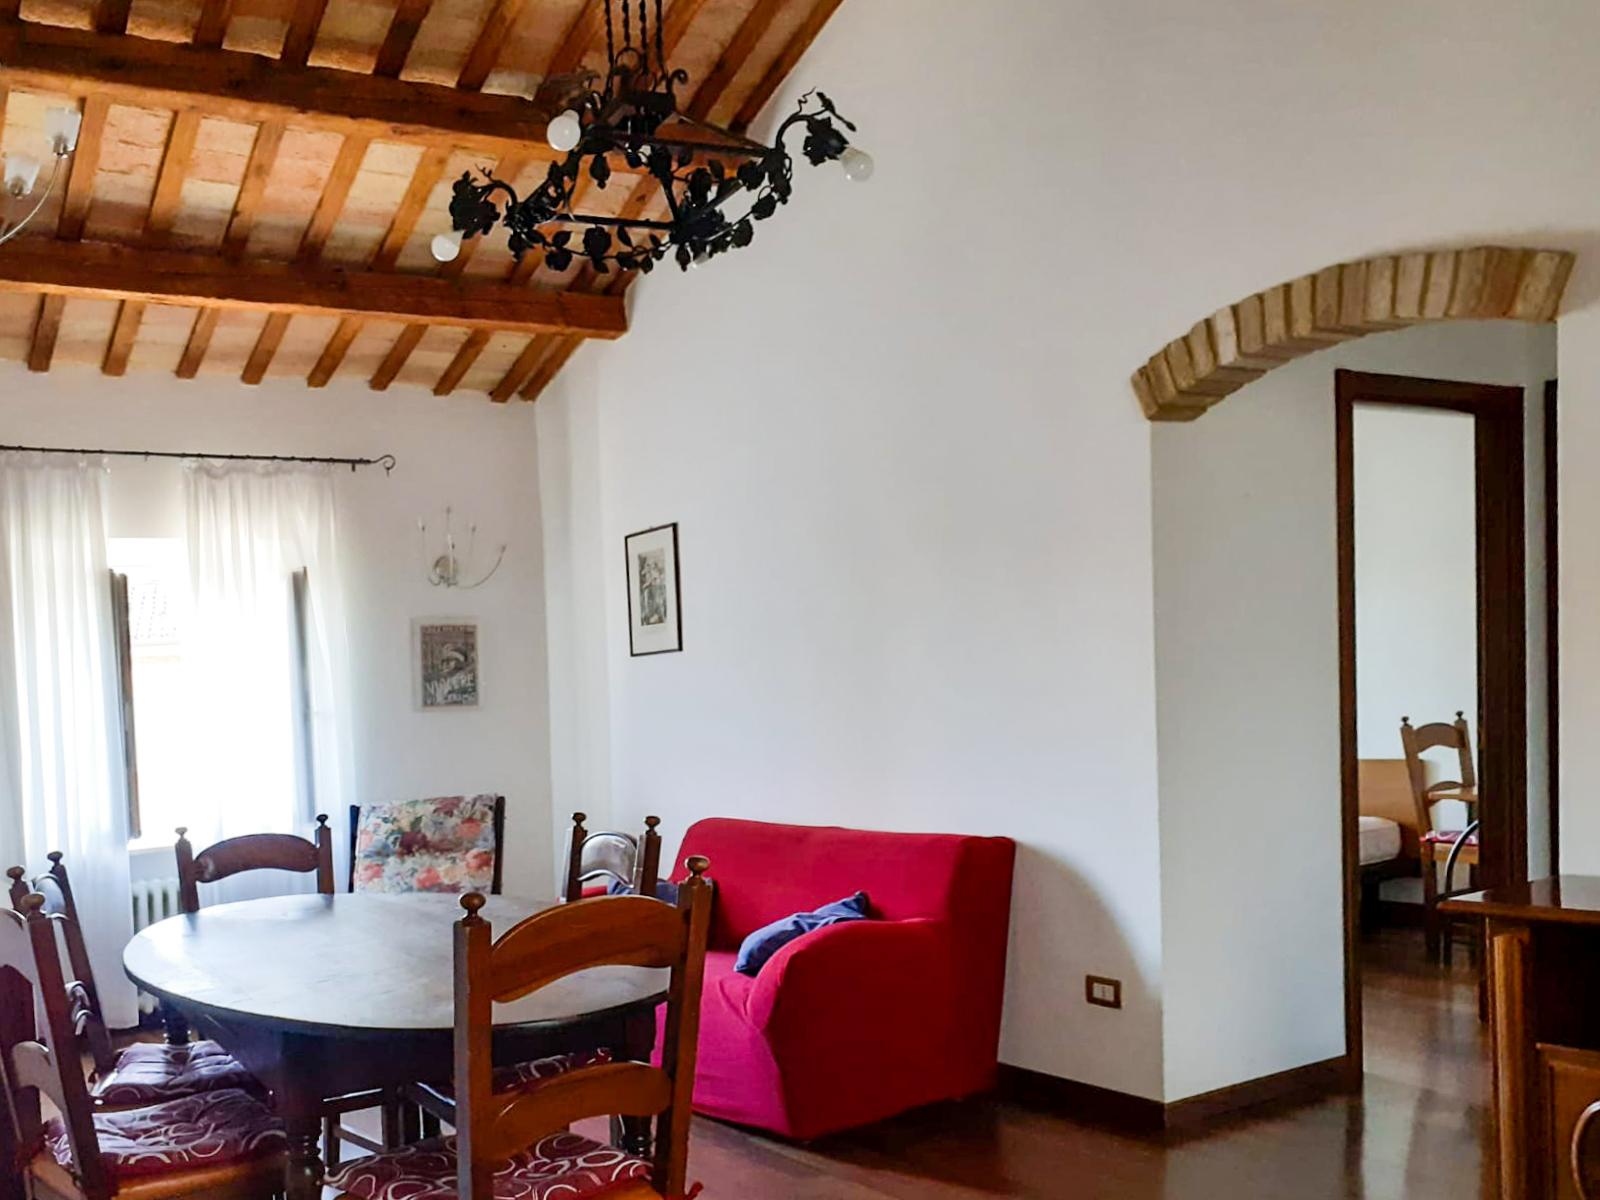 Appartamento Ristrutturato – Zona Piazza Mazzini, Macerata